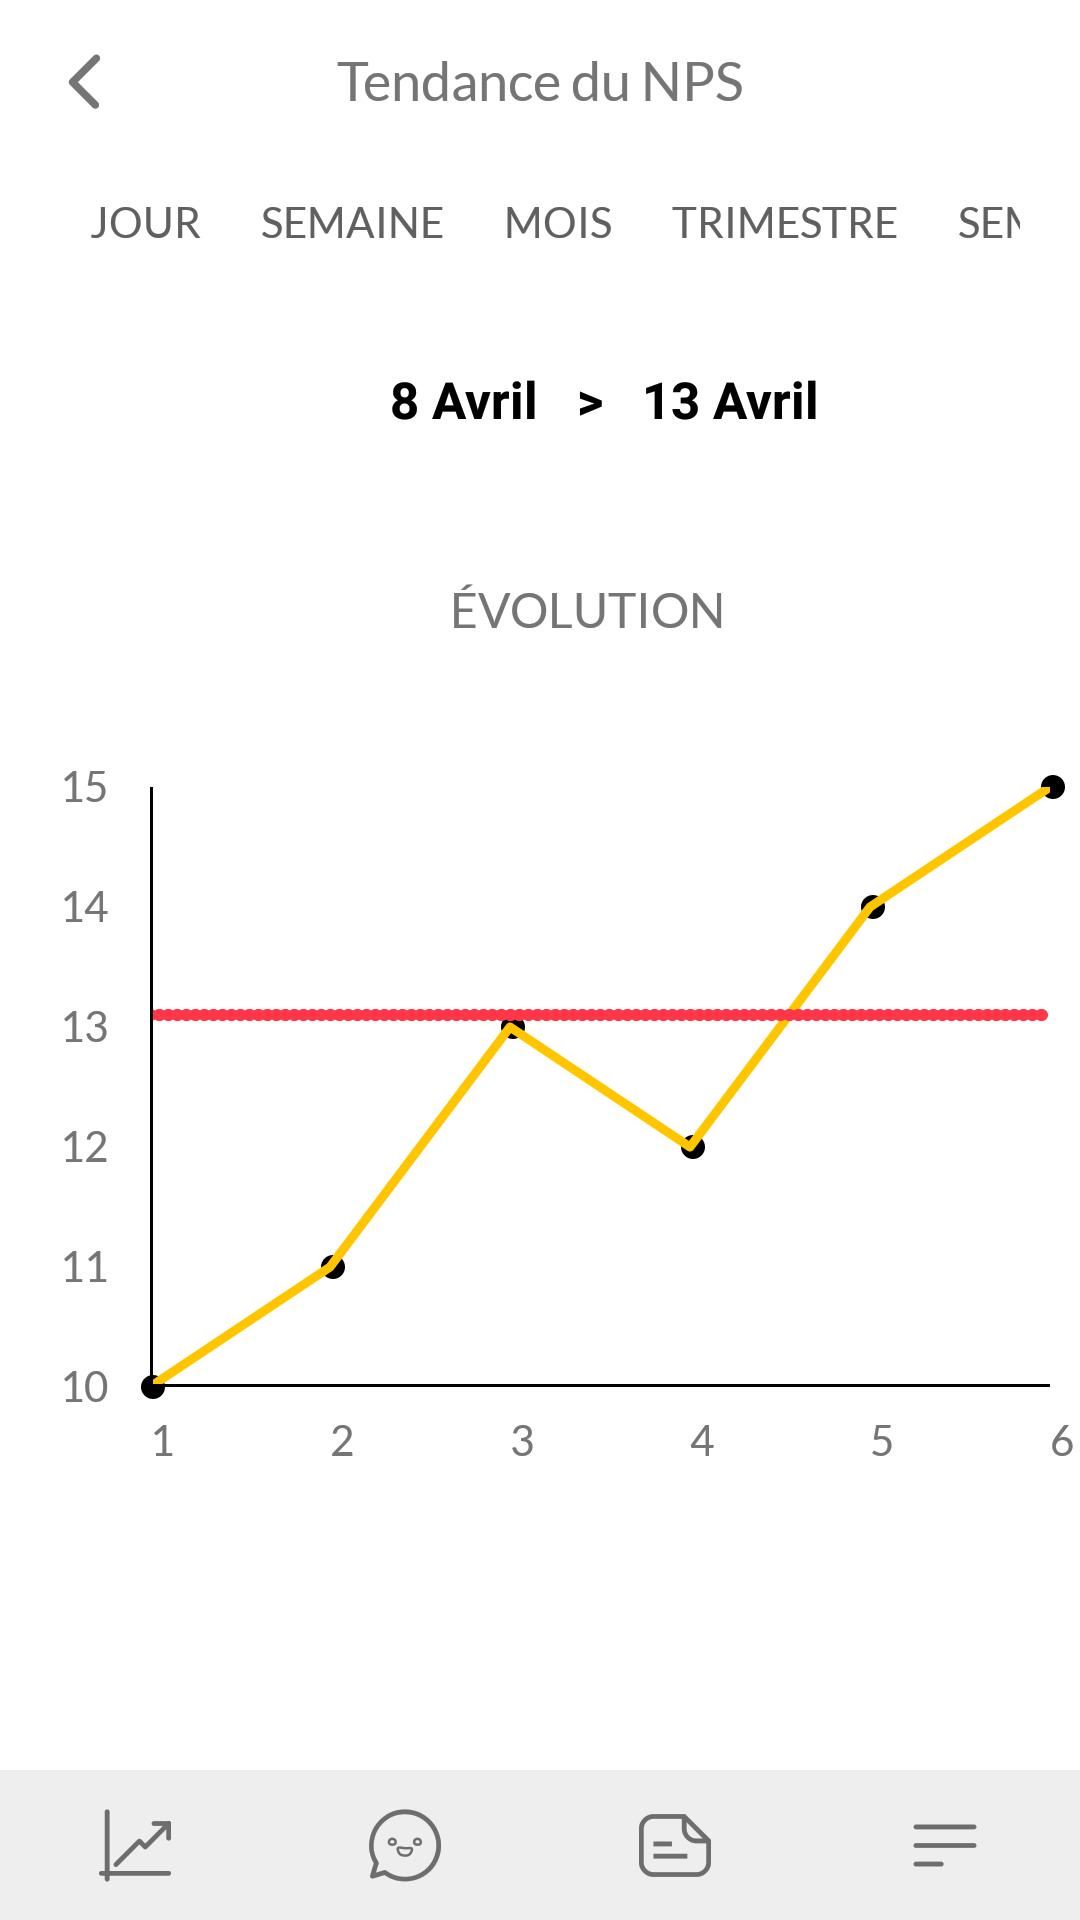 L'évolution des performances dans le temps